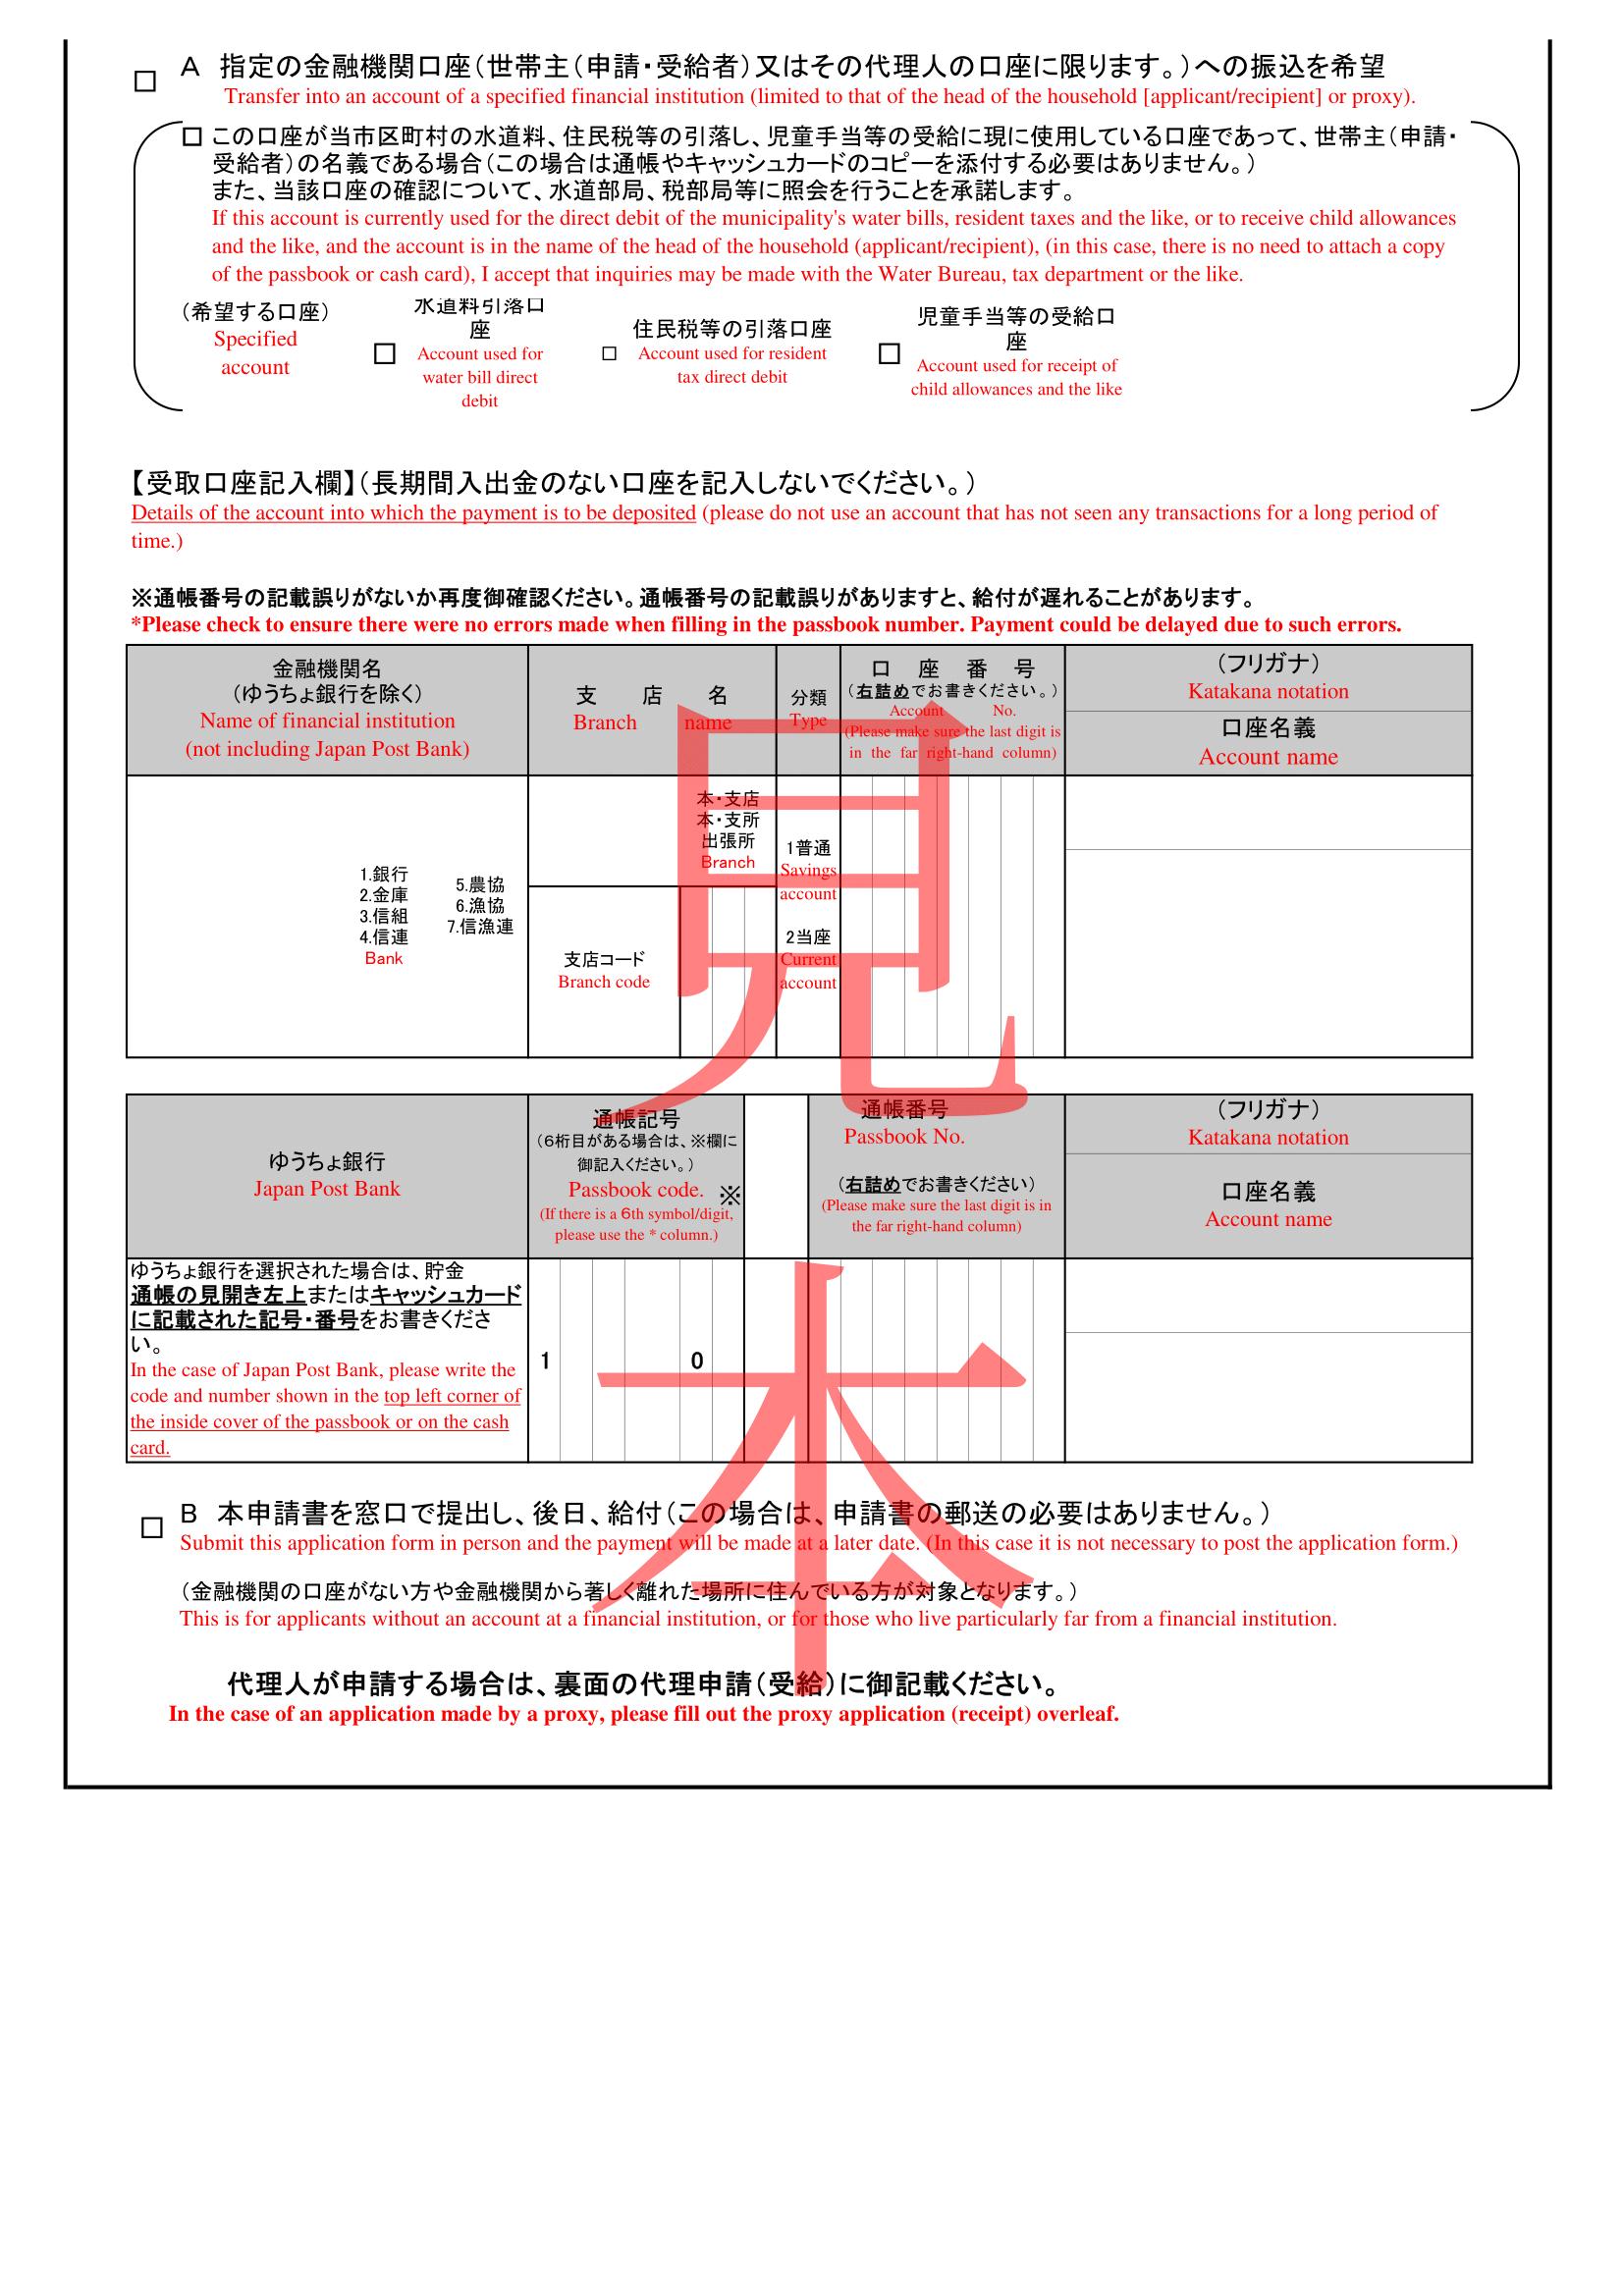 政府(から)の 10万円 を もらう ため の 書類(しょるい)